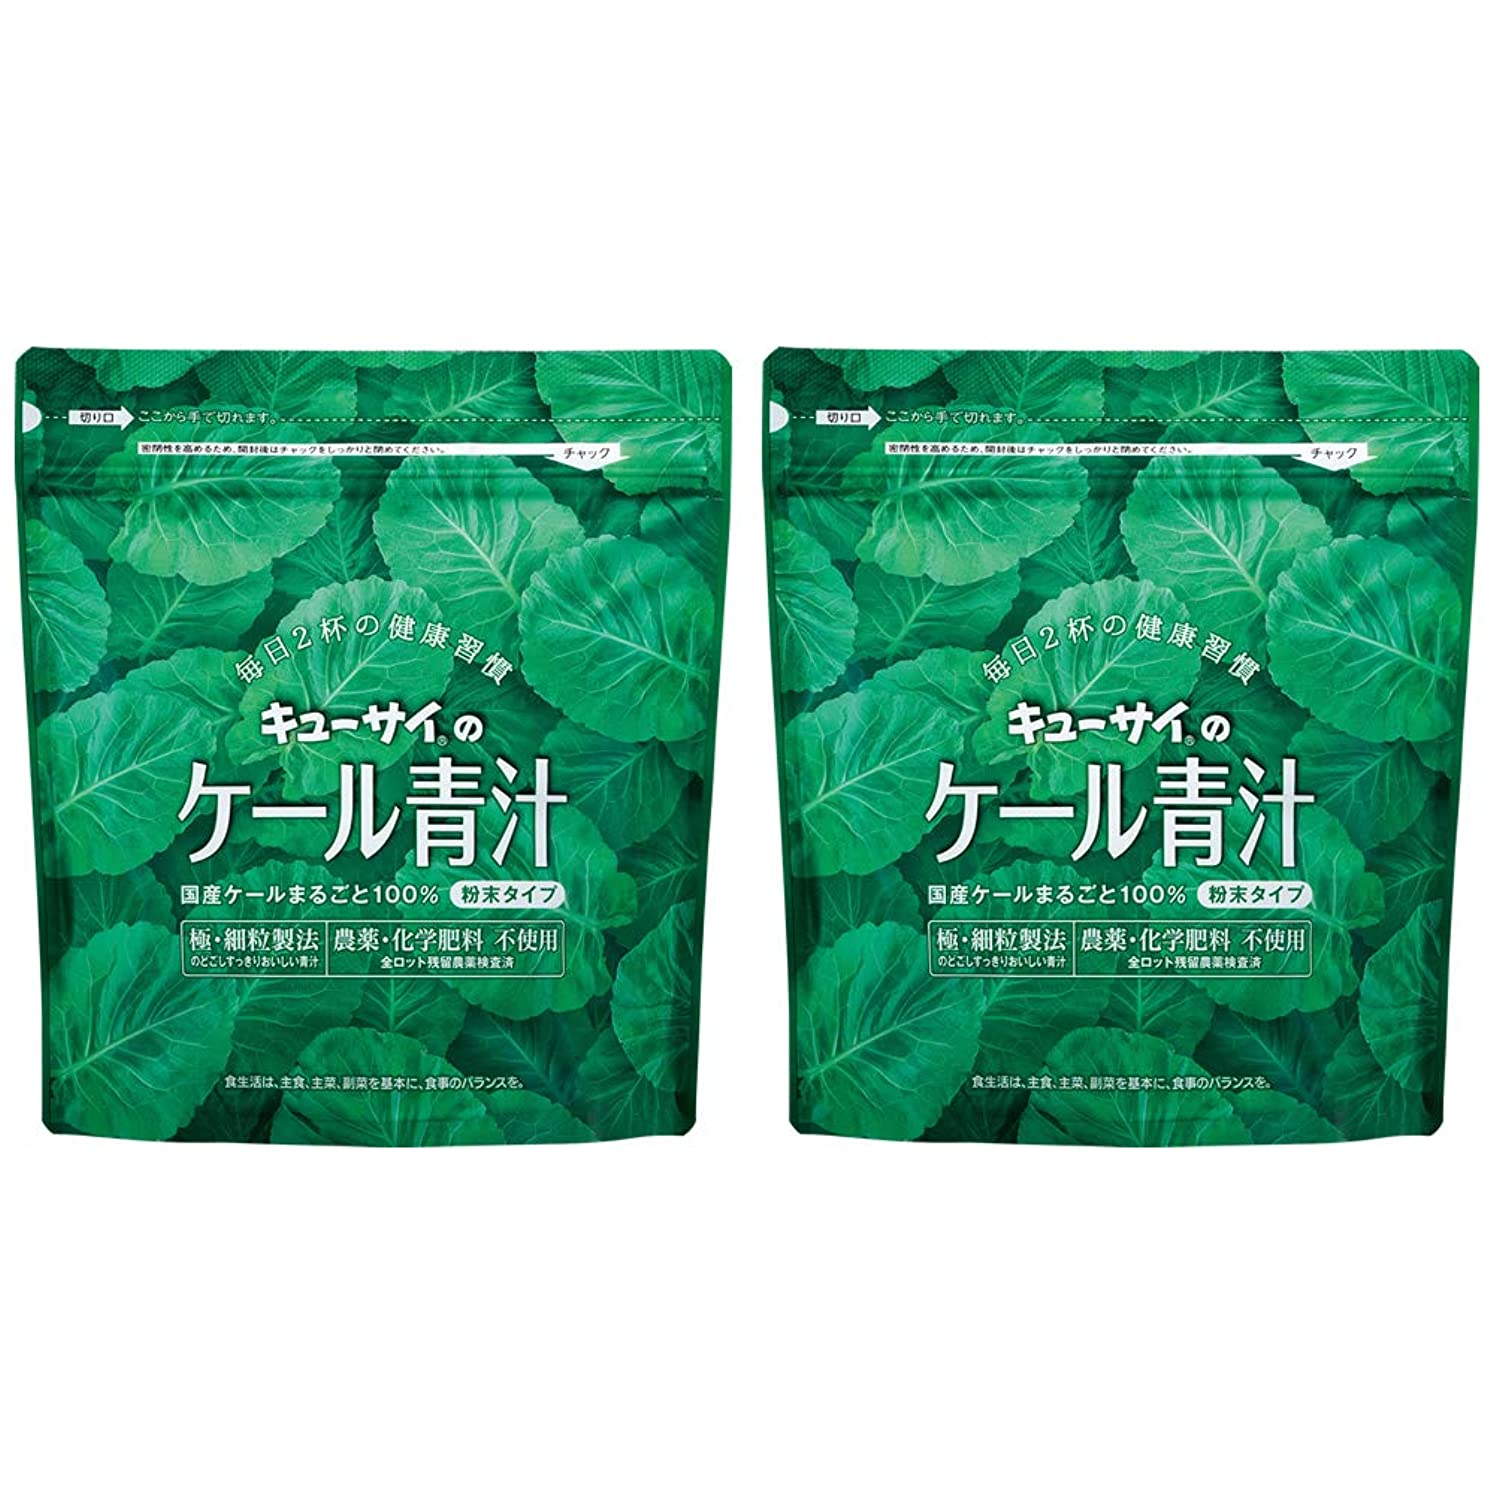 演劇スワップマイクロフォンキューサイ青汁420g(粉末タイプ)2袋まとめ買い/キューサイ ケール青汁【1袋420g(約1カ月分)】